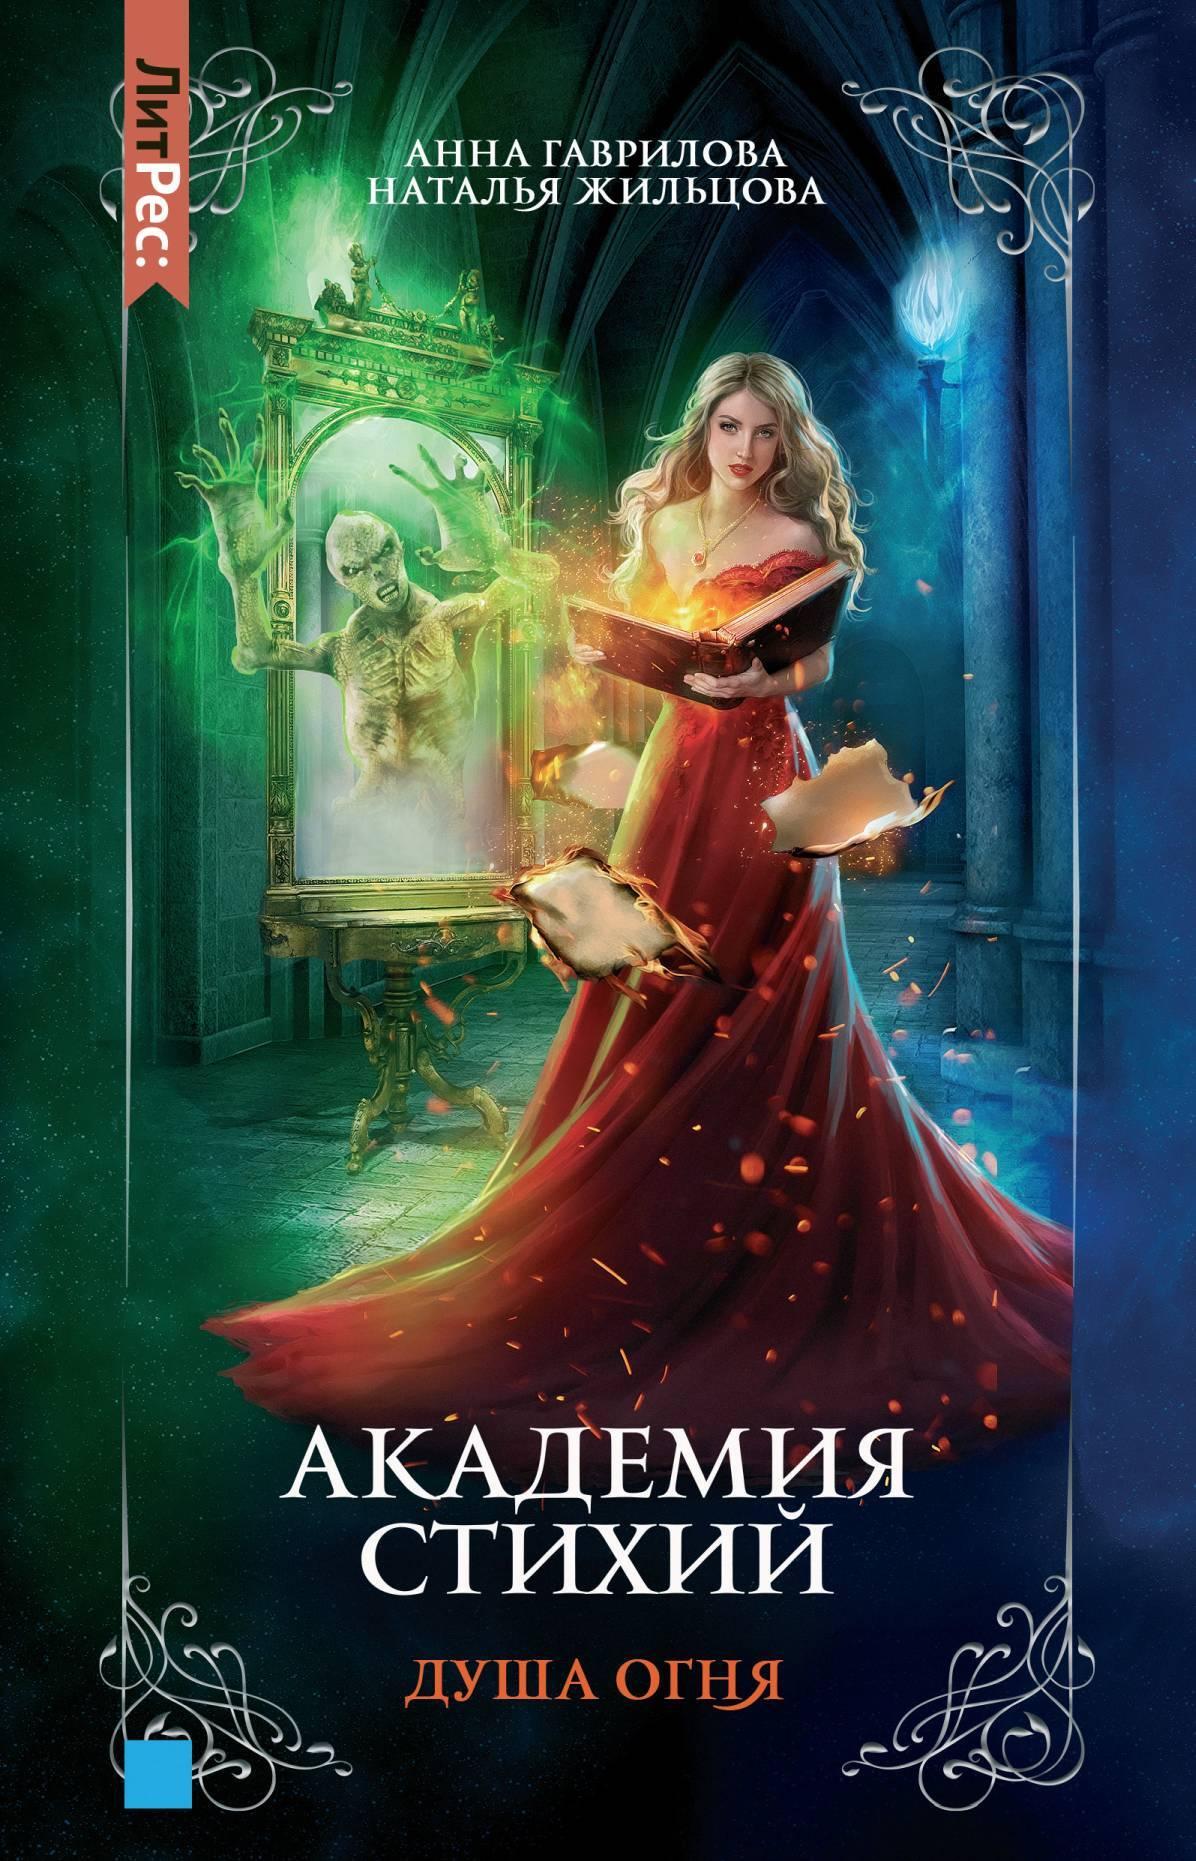 Наталья жильцова душа огня скачать fb2